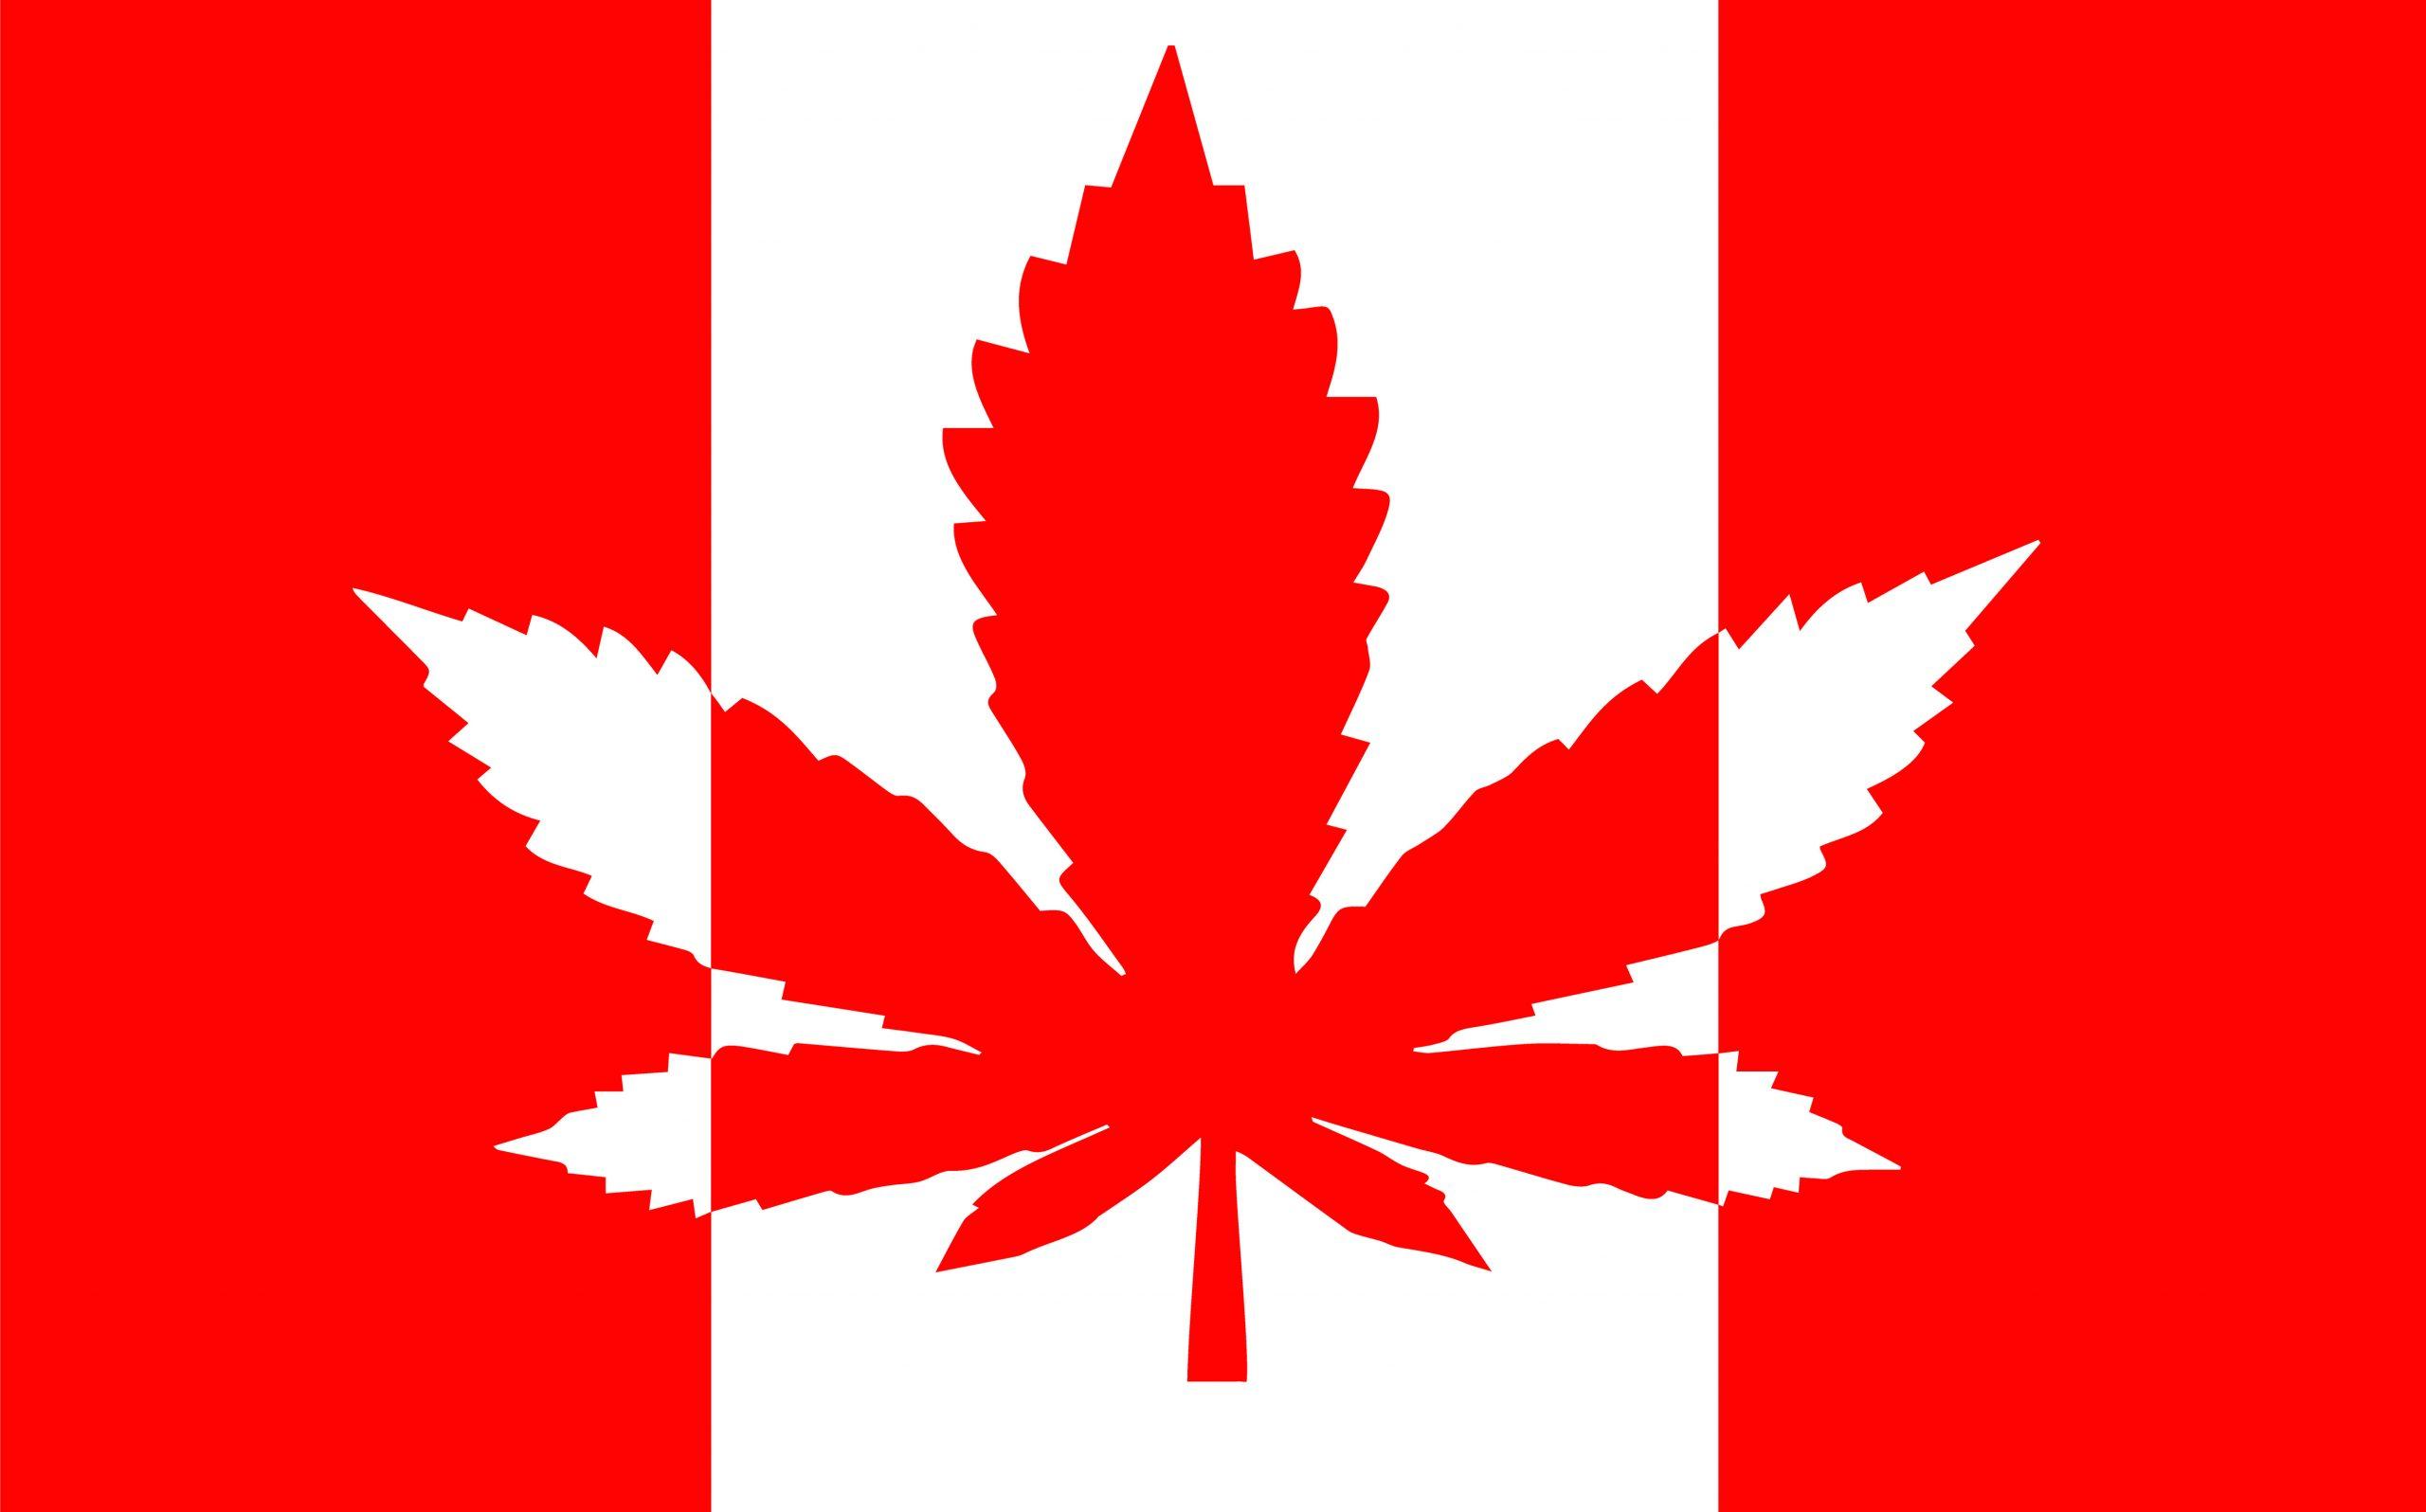 Mercado de cannabis no Canadá: três empresas promissoras